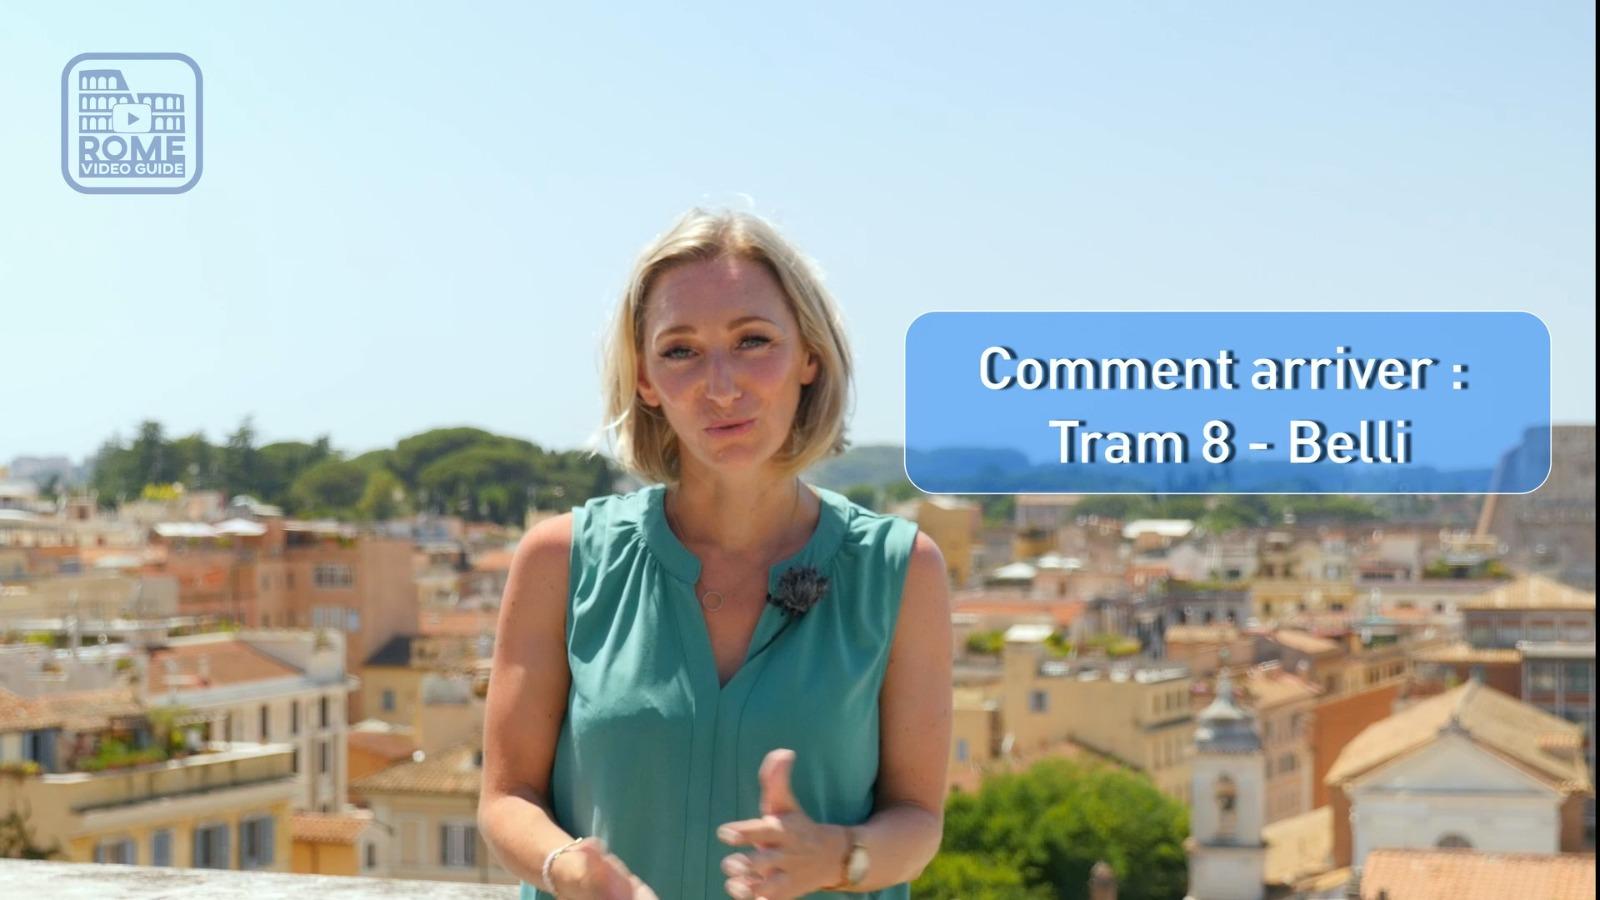 Trastevere - Comment arriver - Peggy - RomeVideoGuide.com